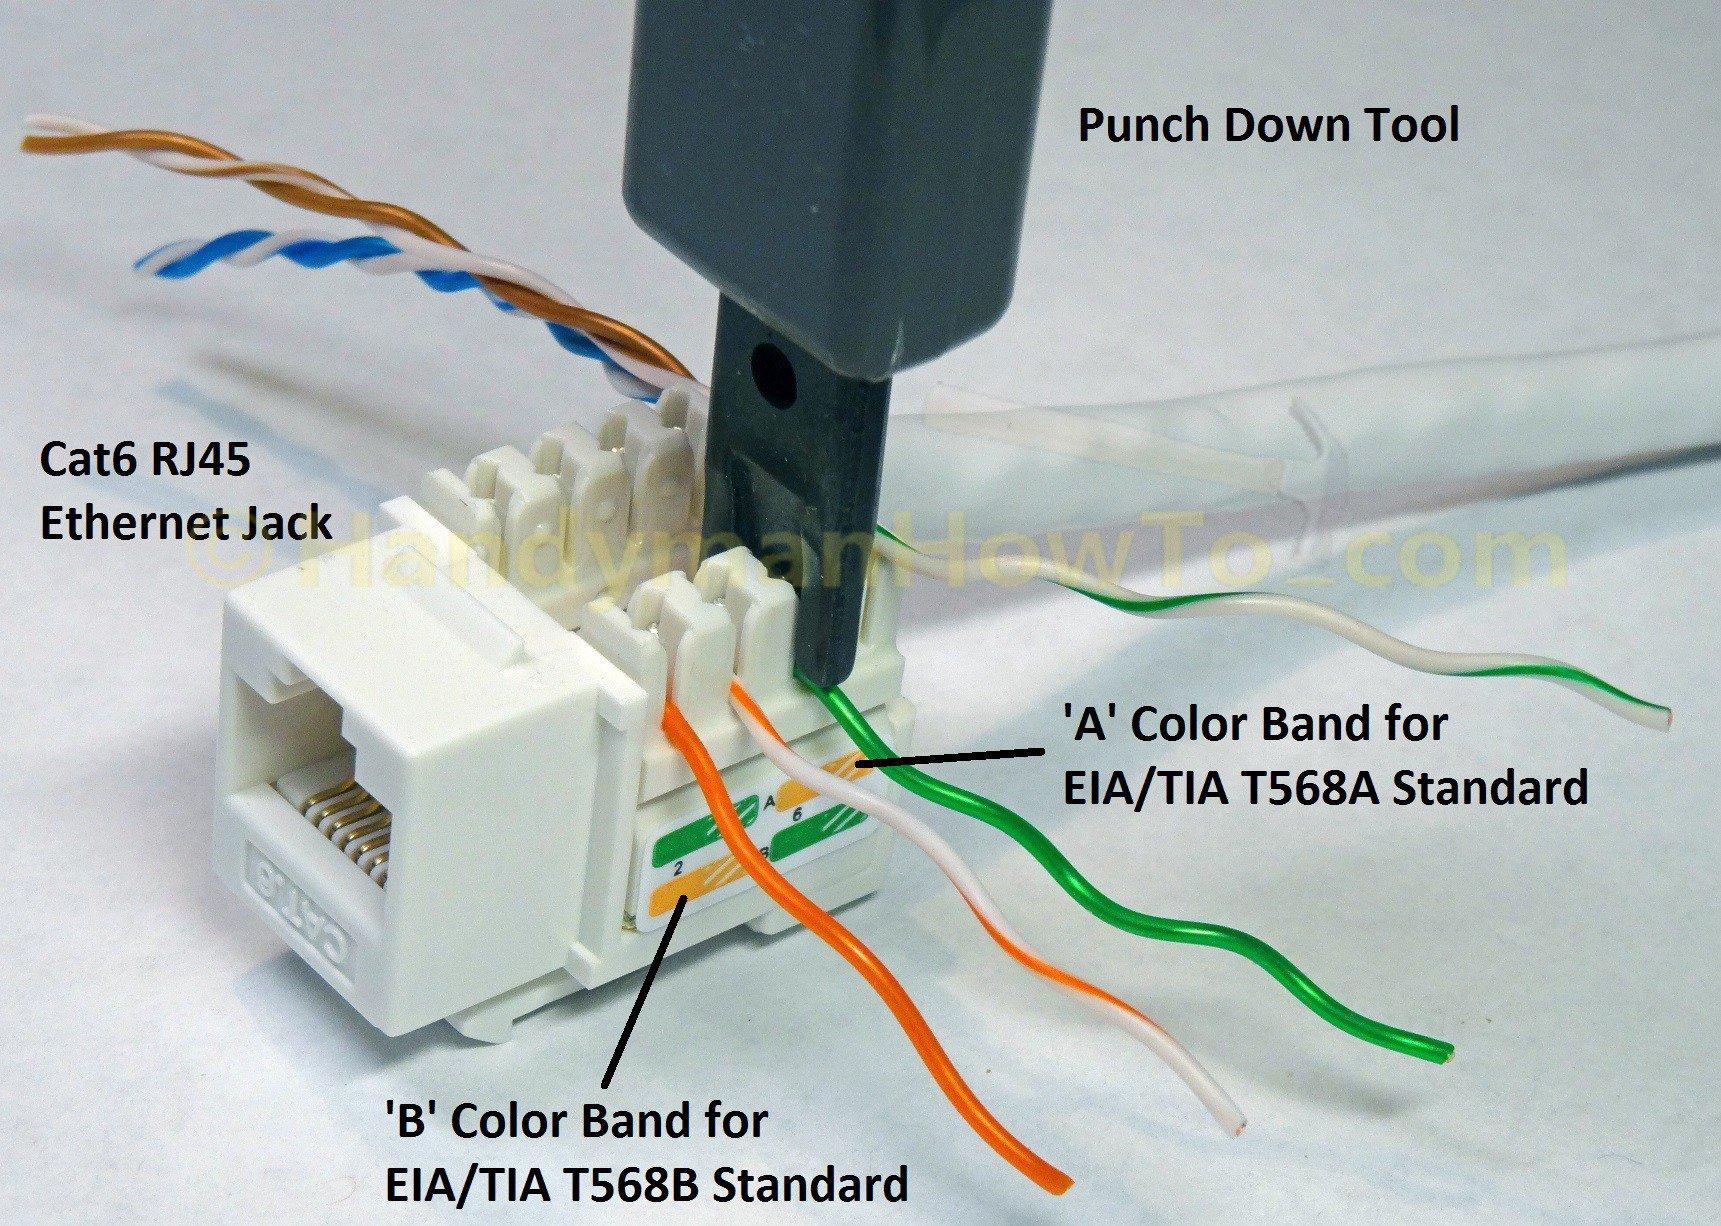 T568B Jack Wiring   Wiring Diagram - T568B Wiring Diagram